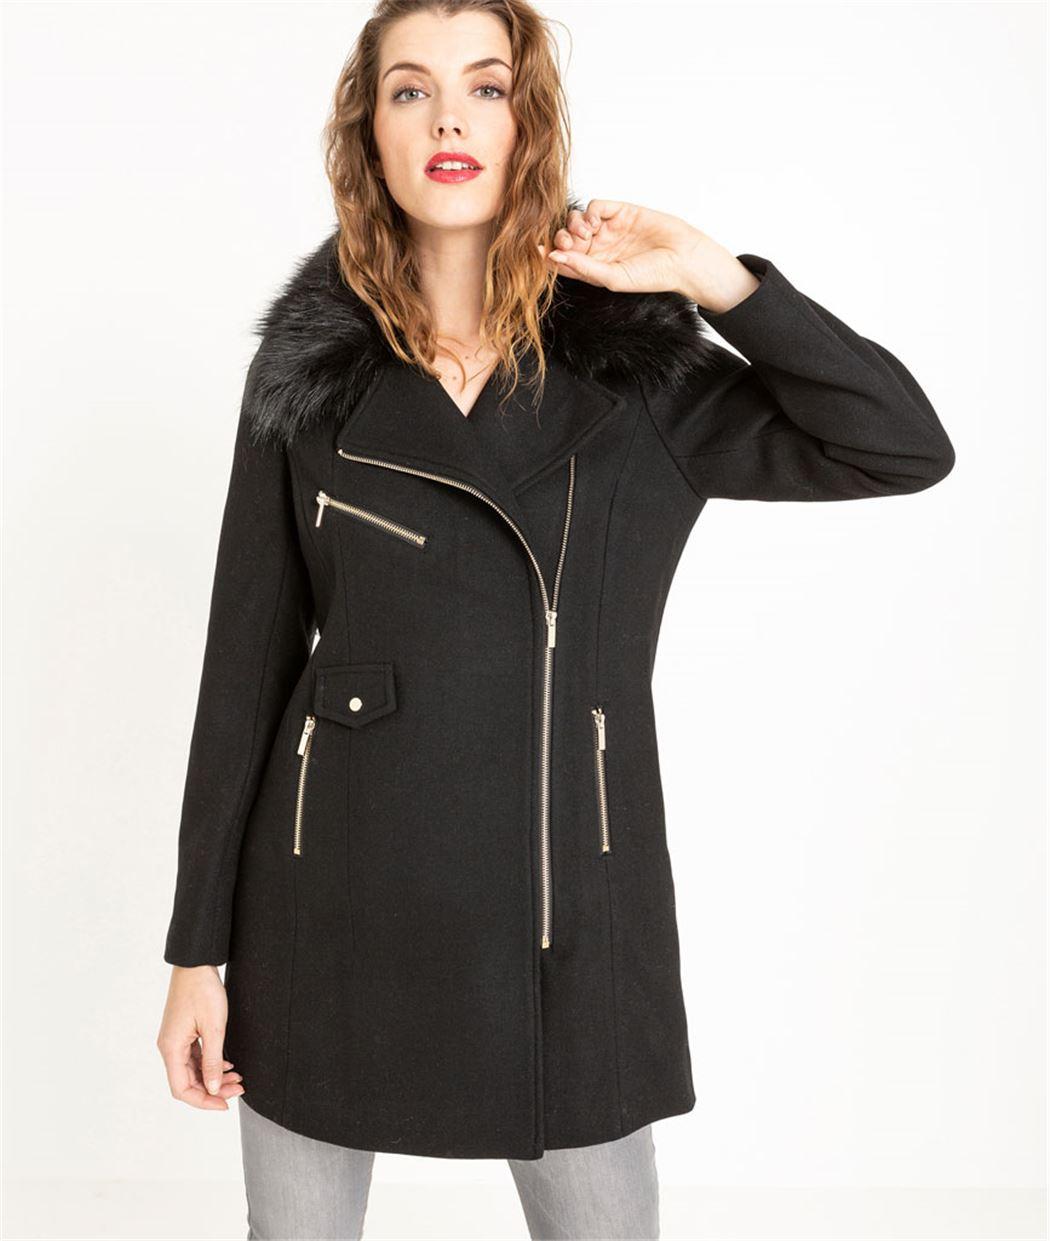 Manteau femme long avec fourrure NOIR